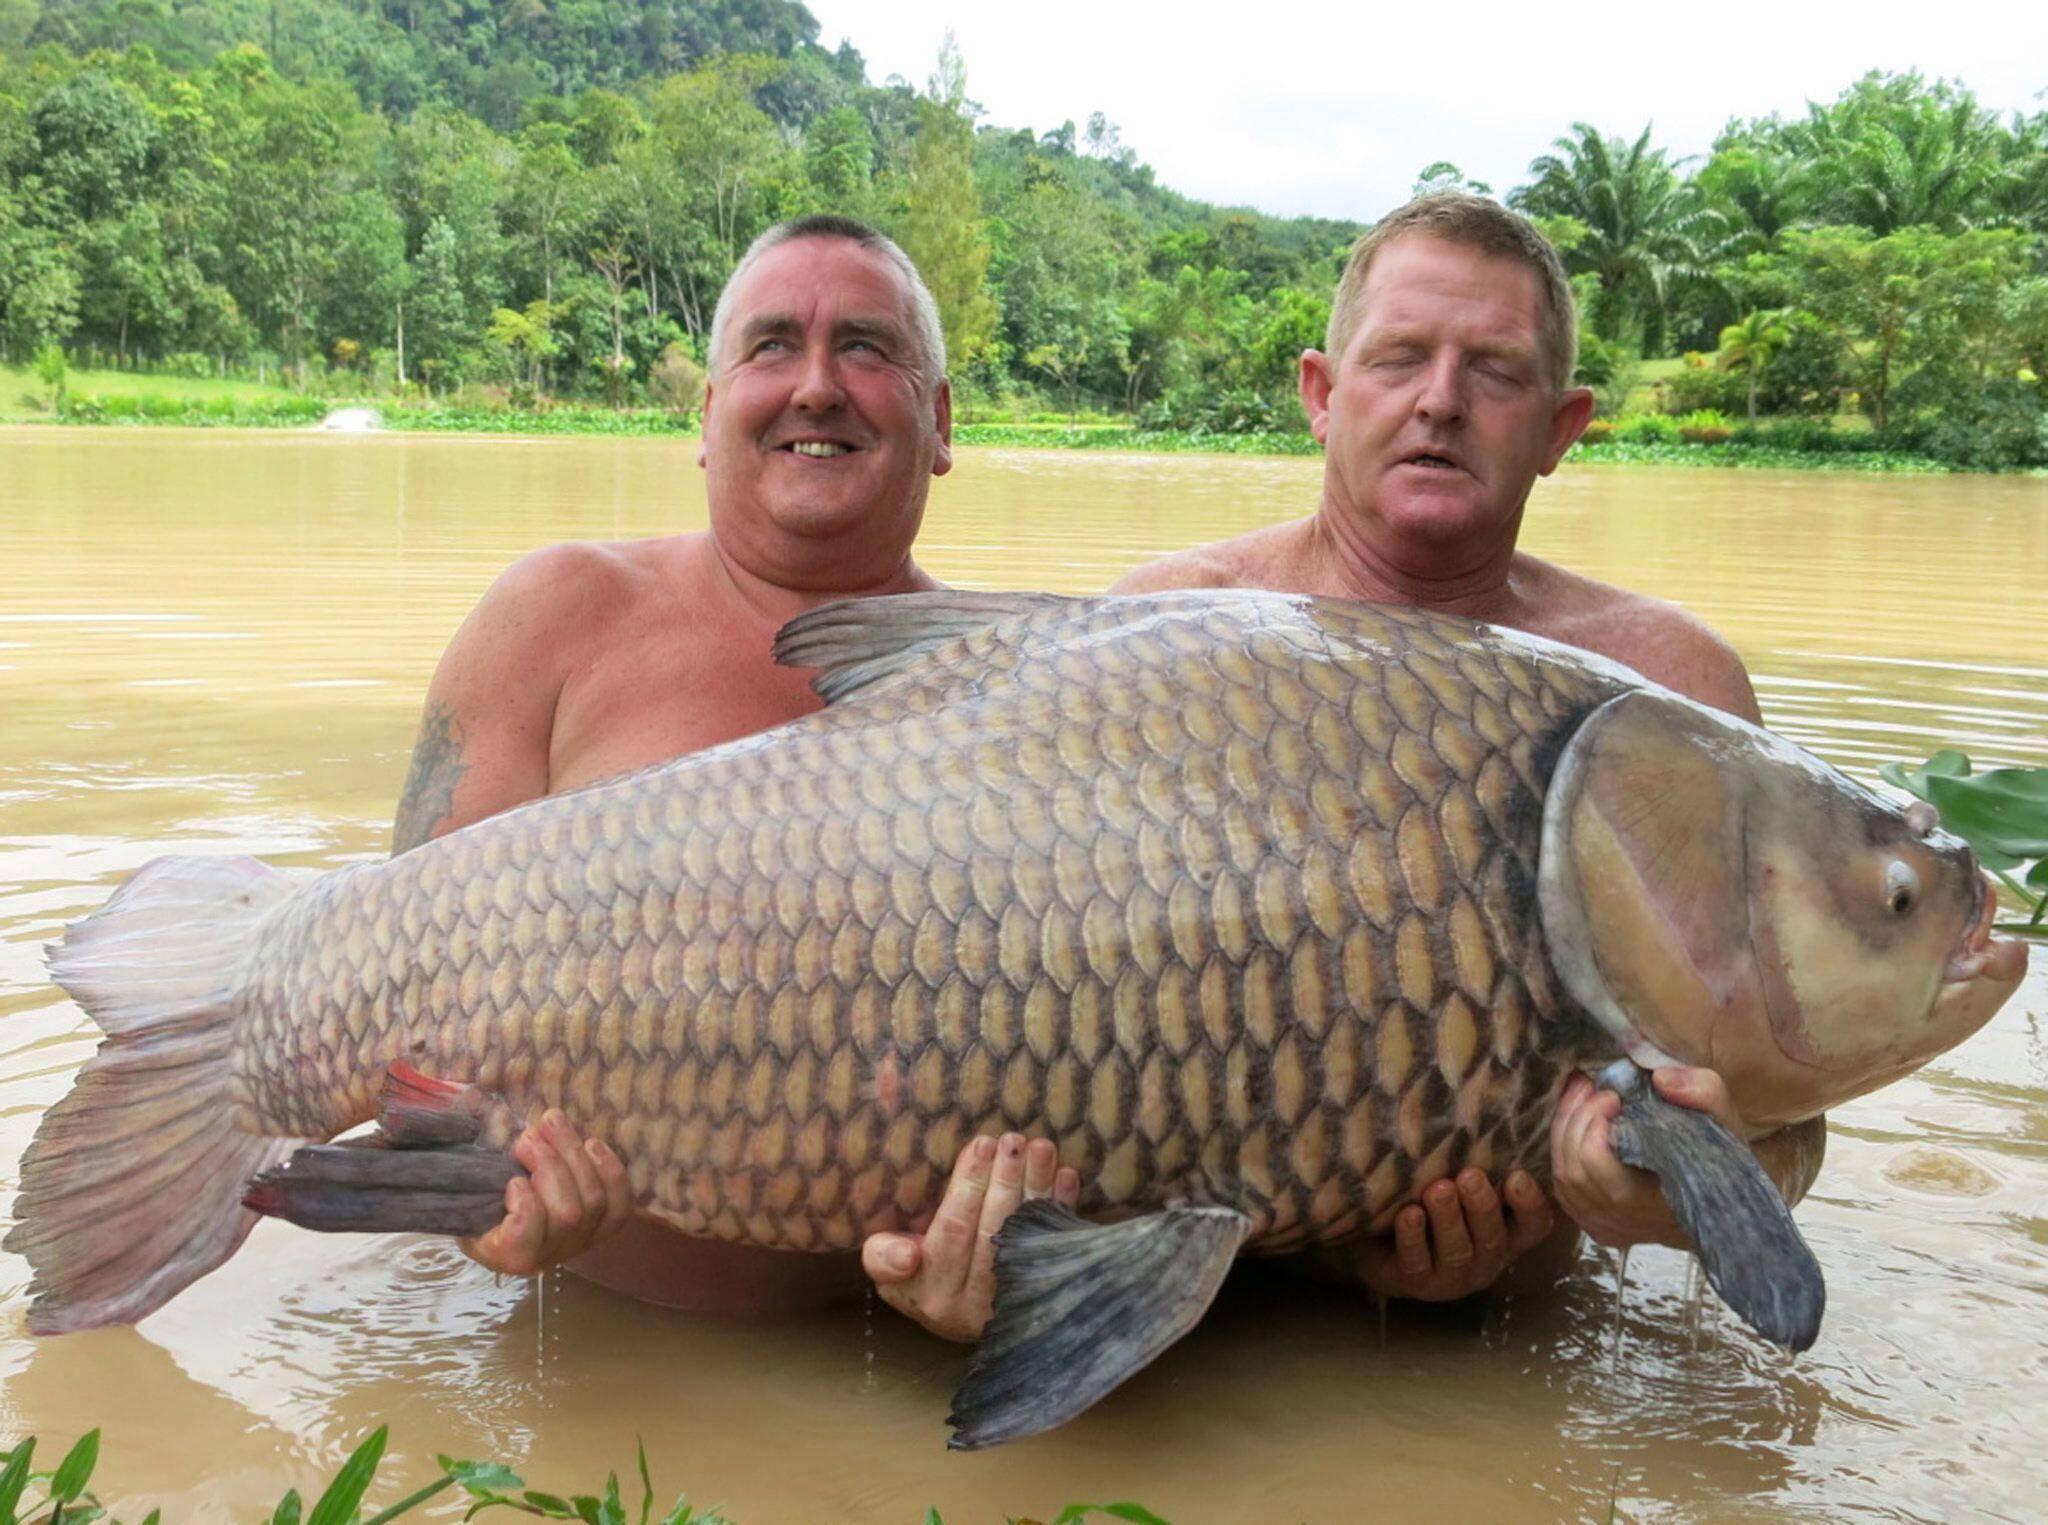 Рыба карп: где обитает, водится, среда обитания, размеры и вес